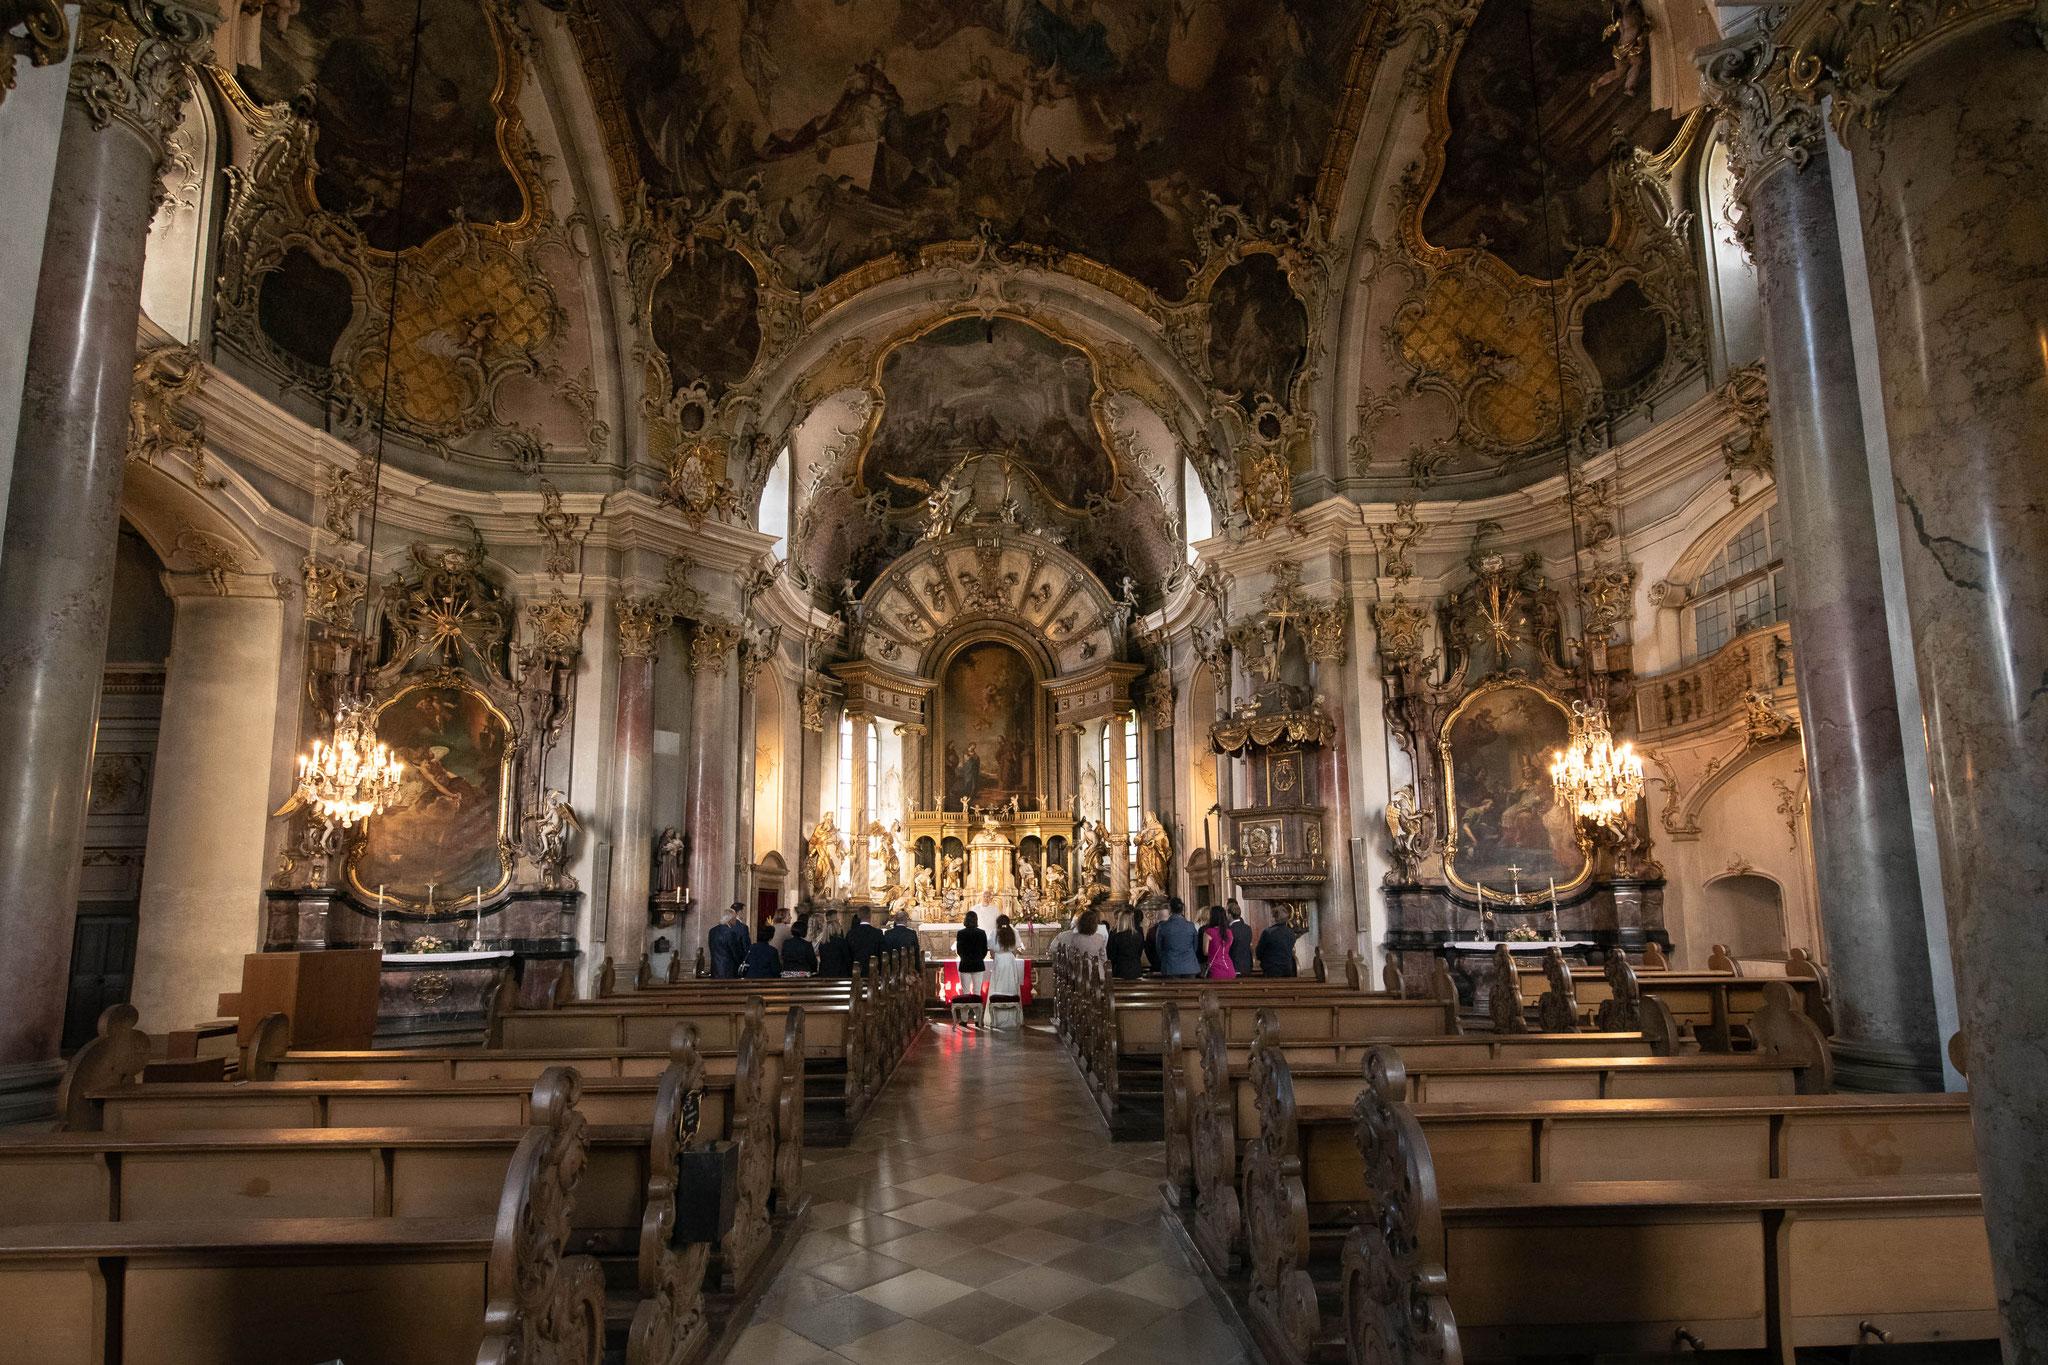 Fotograf für die Trauung in der Würzburger Kapelle Wallfahrtskirche